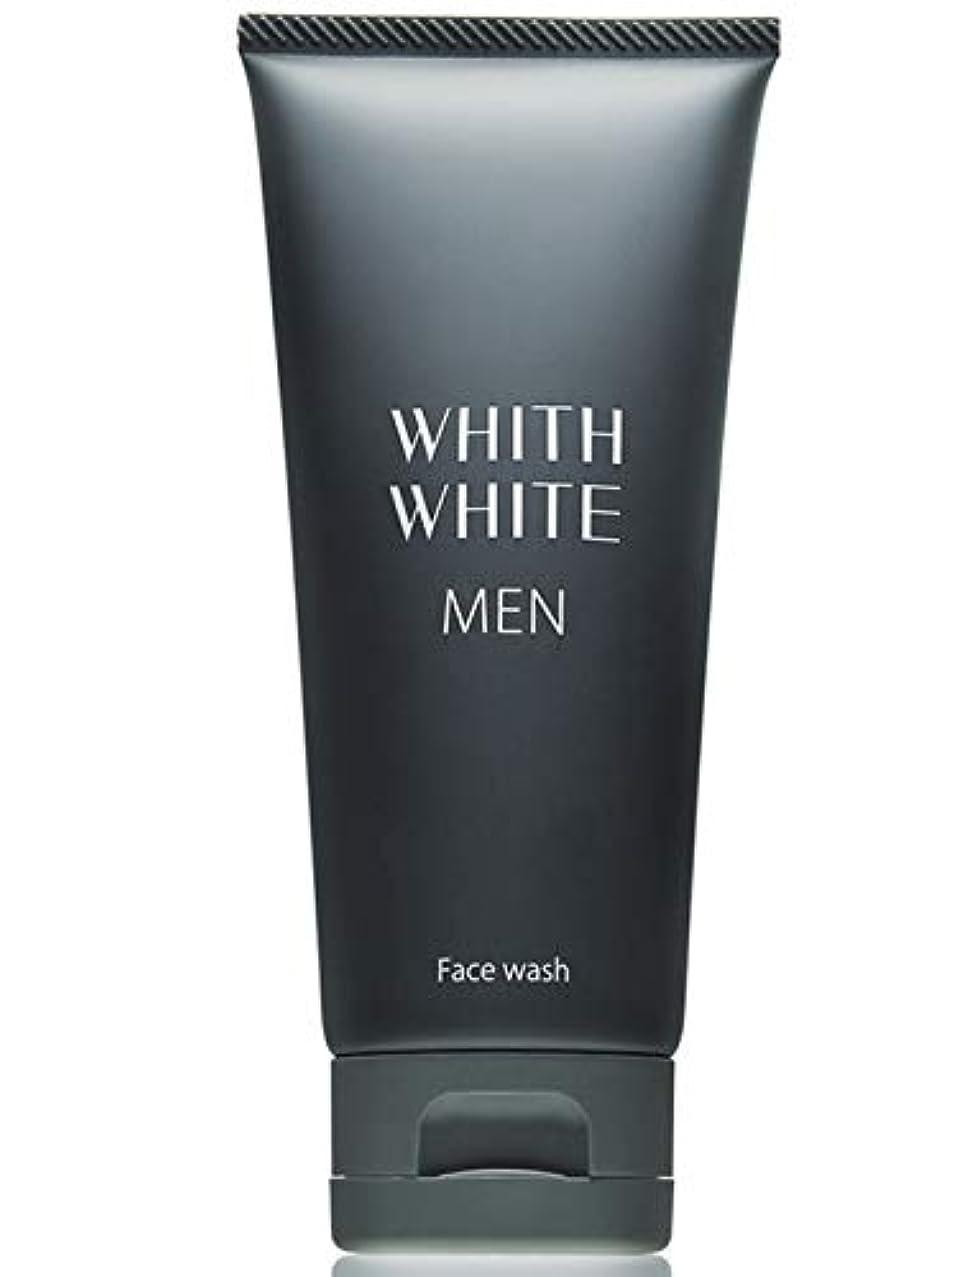 奨励しますベイビー本を読む洗顔 メンズ 医薬部外品 【 男 の しみ くすみ 対策 】 フィス ホワイト 「 30代~50代の 男性 専用 洗顔フォーム 」「 保湿 ヒアルロン酸 配合 洗顔料 」(男性用 スキンケア 化粧品 )95g